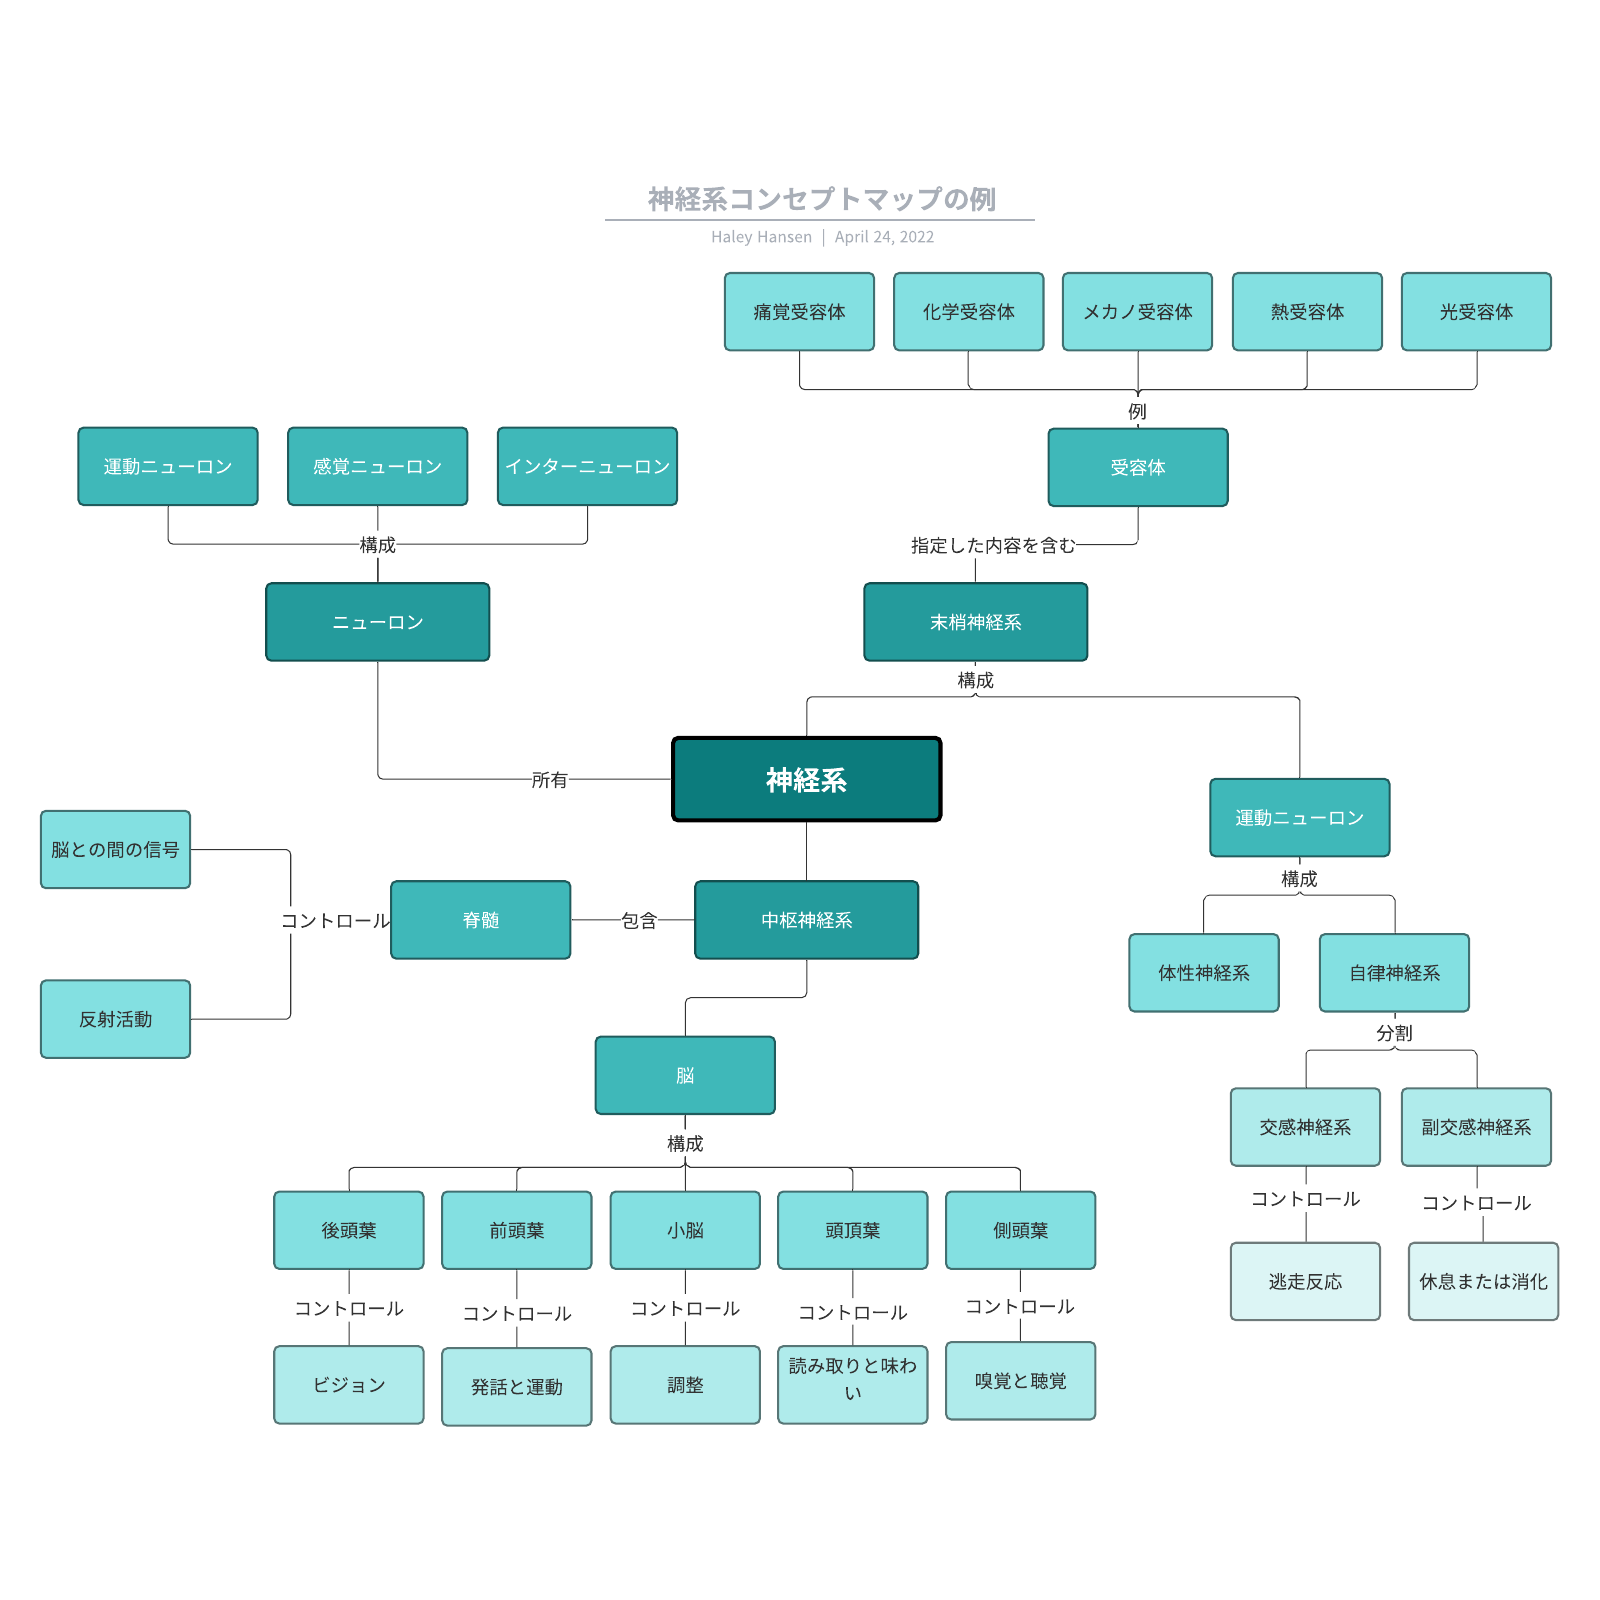 コンセプトマップの事例でわかるコンセプトの可視化方法テンプレ